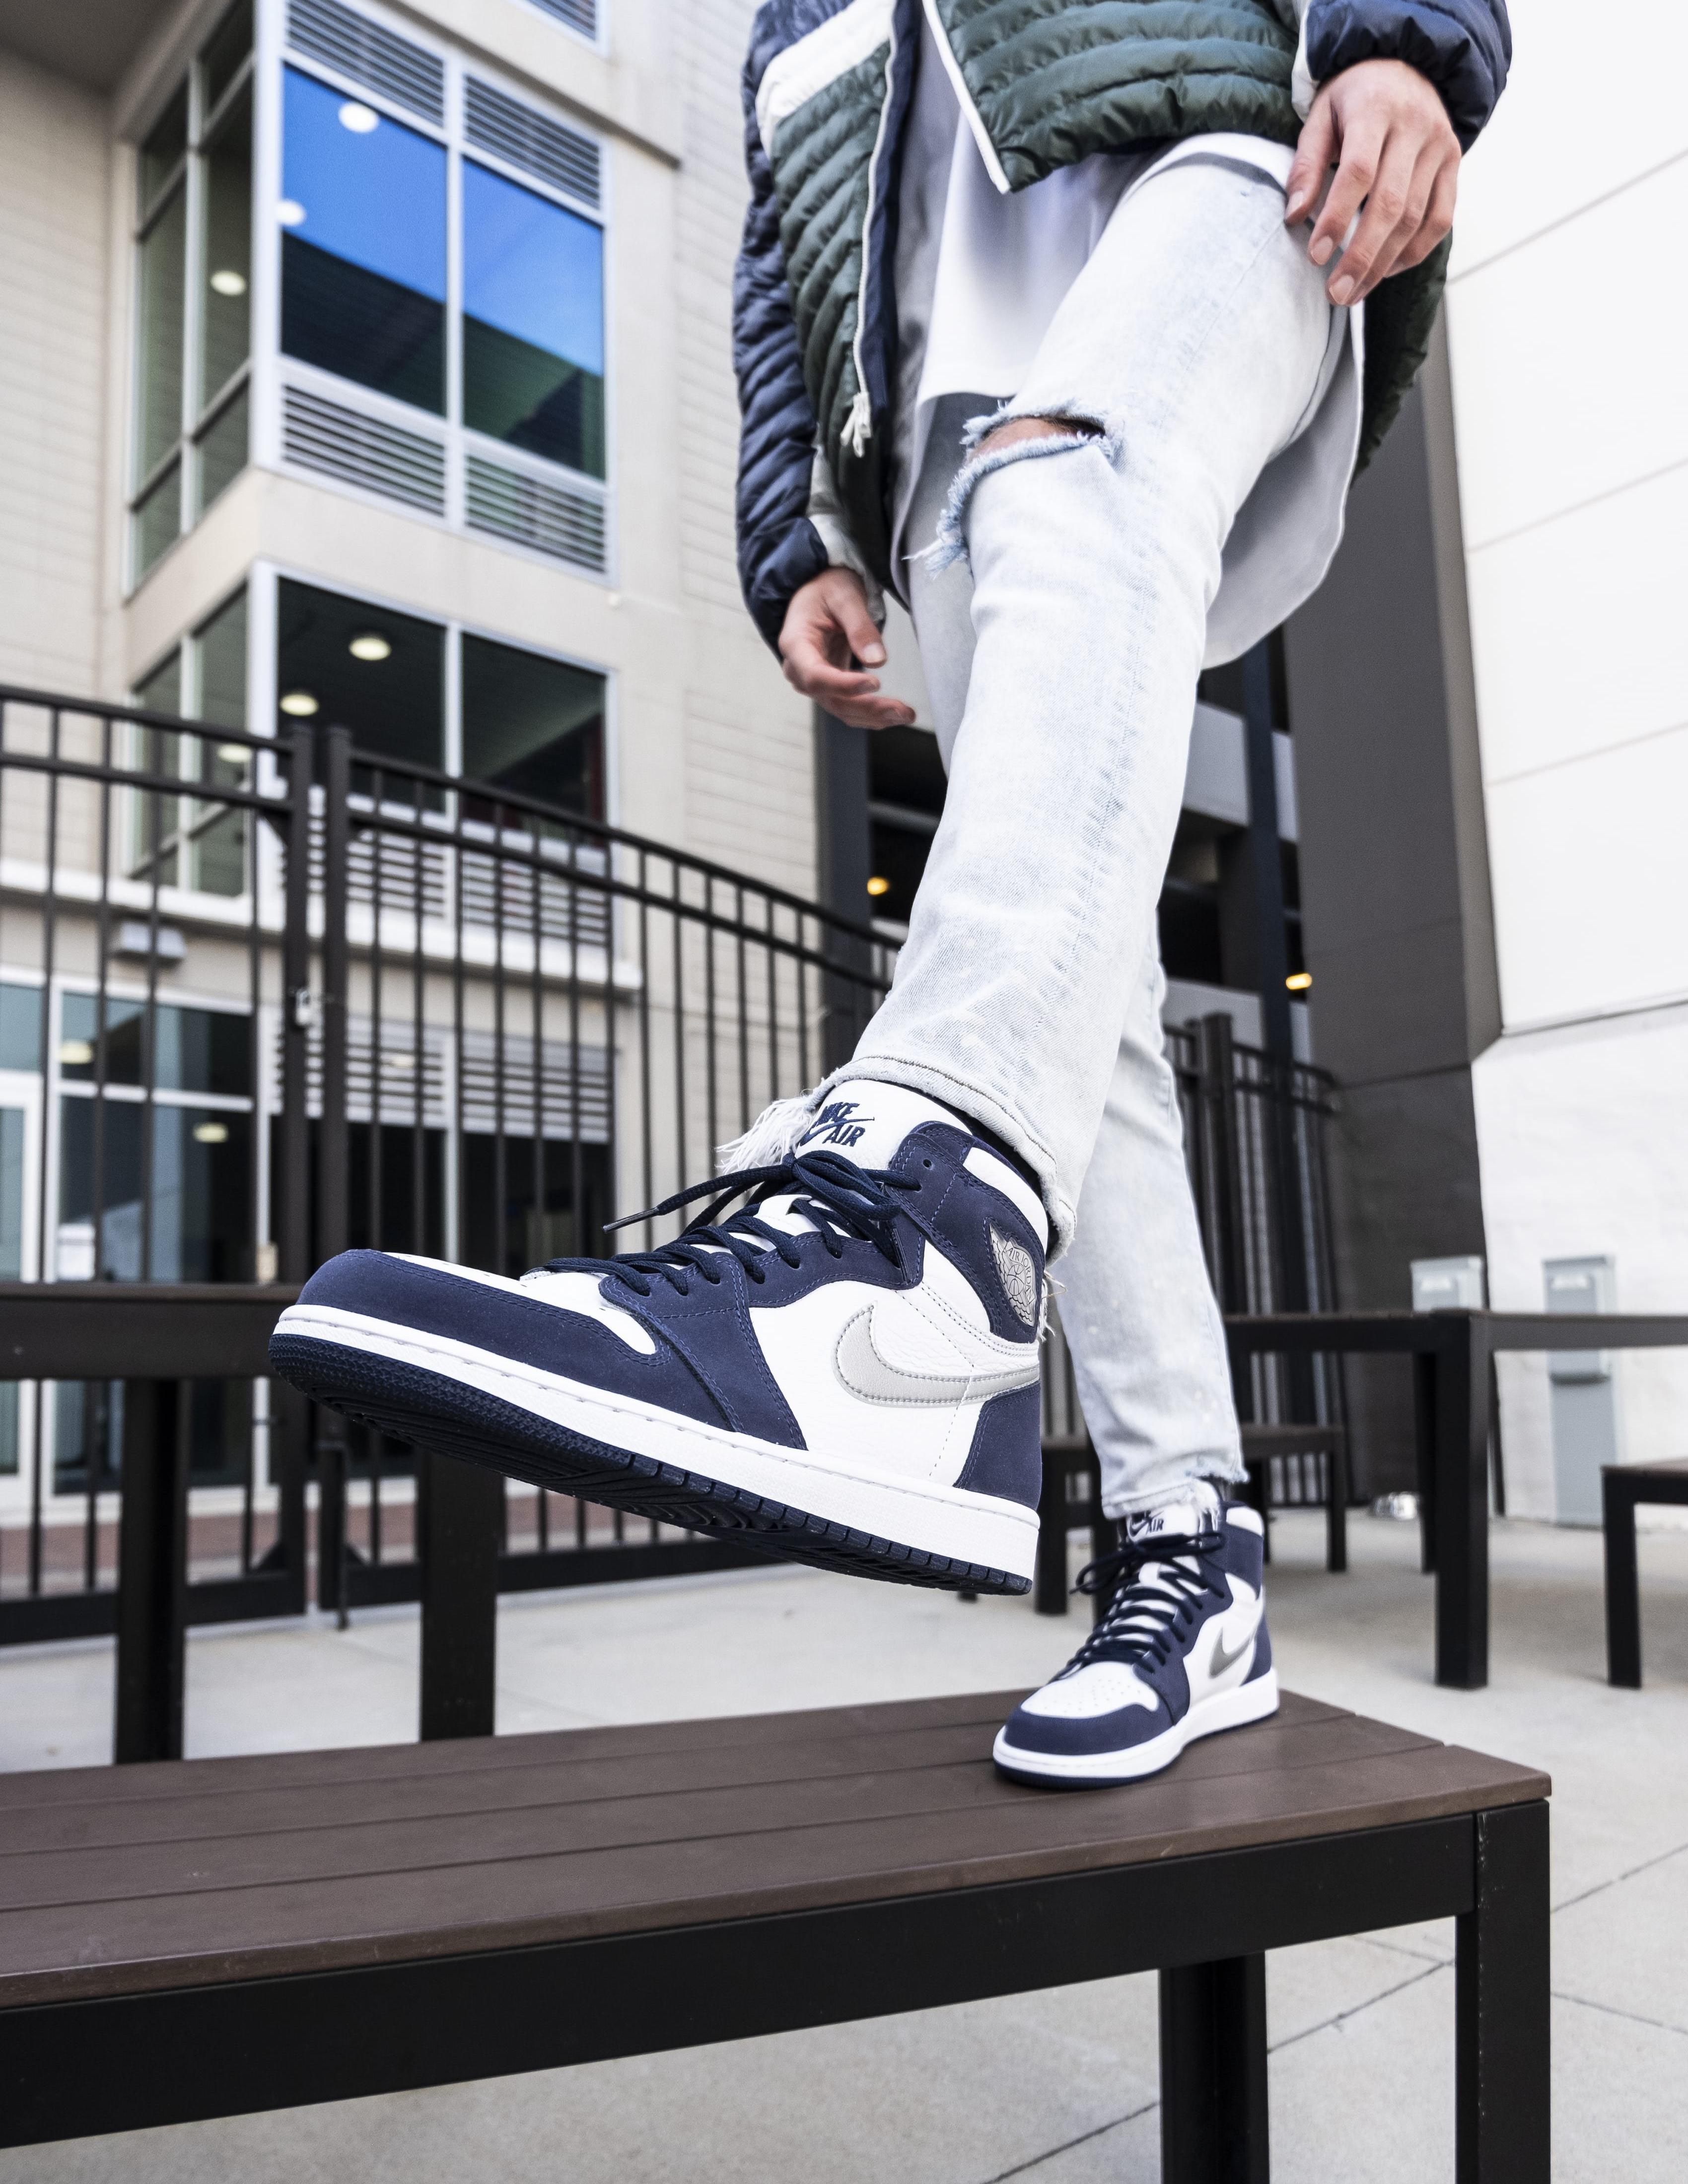 """Sneakers Release – Jordan 1 High OG CO.JP """"Midnight Navy ..."""